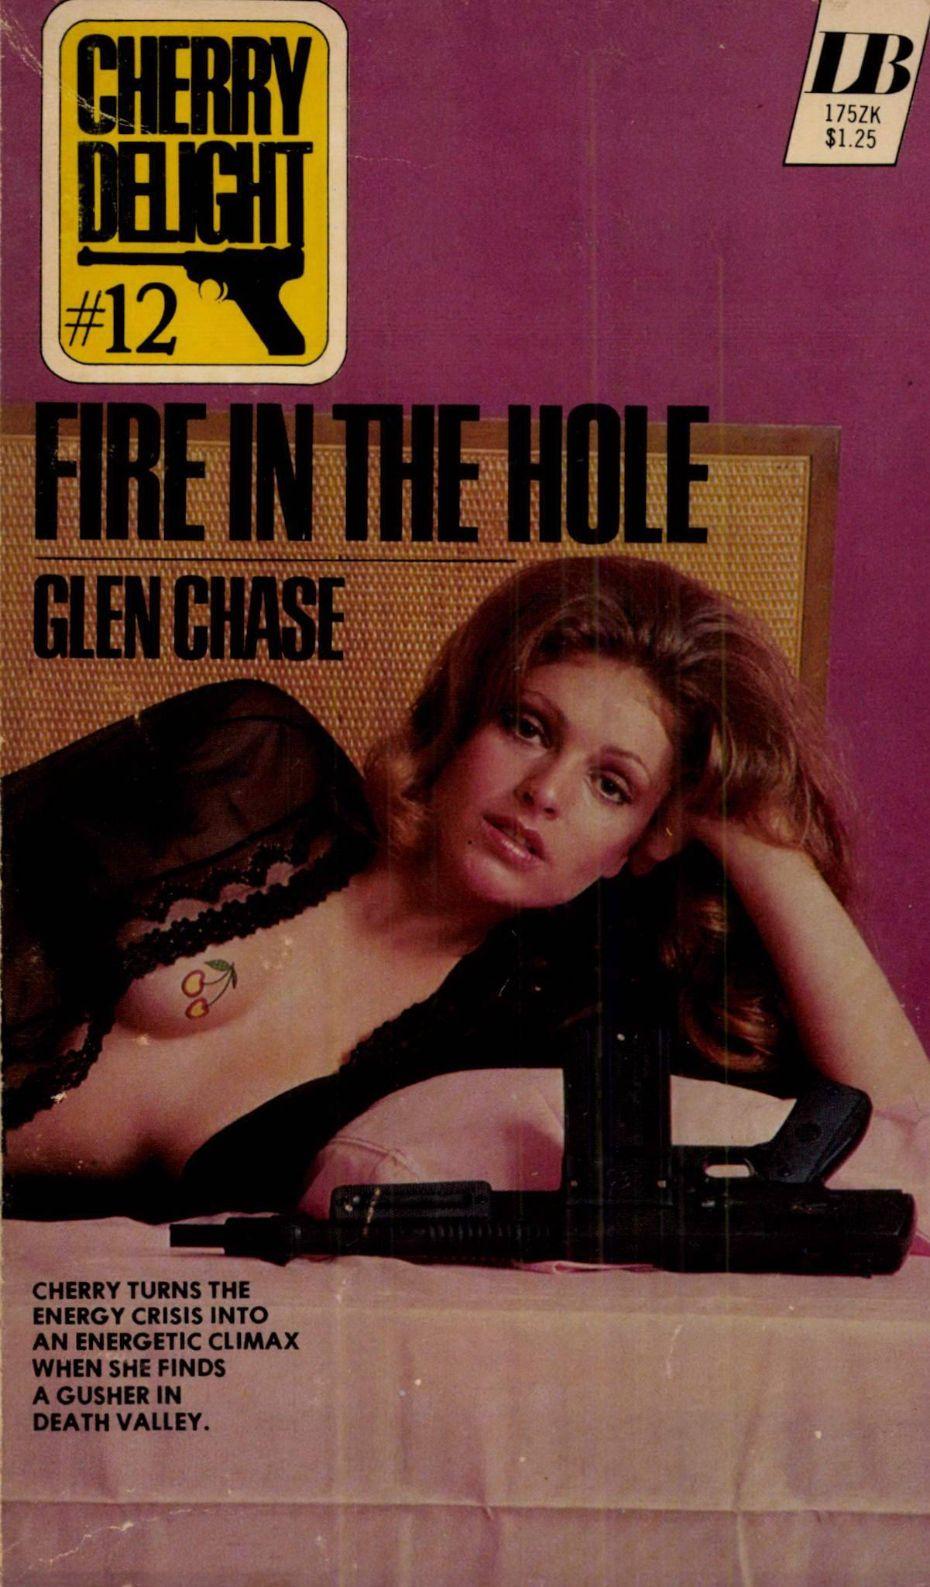 Cherry Delight 12 Fire in the Hole Glen Chase Gardner F Fox 001.jpg